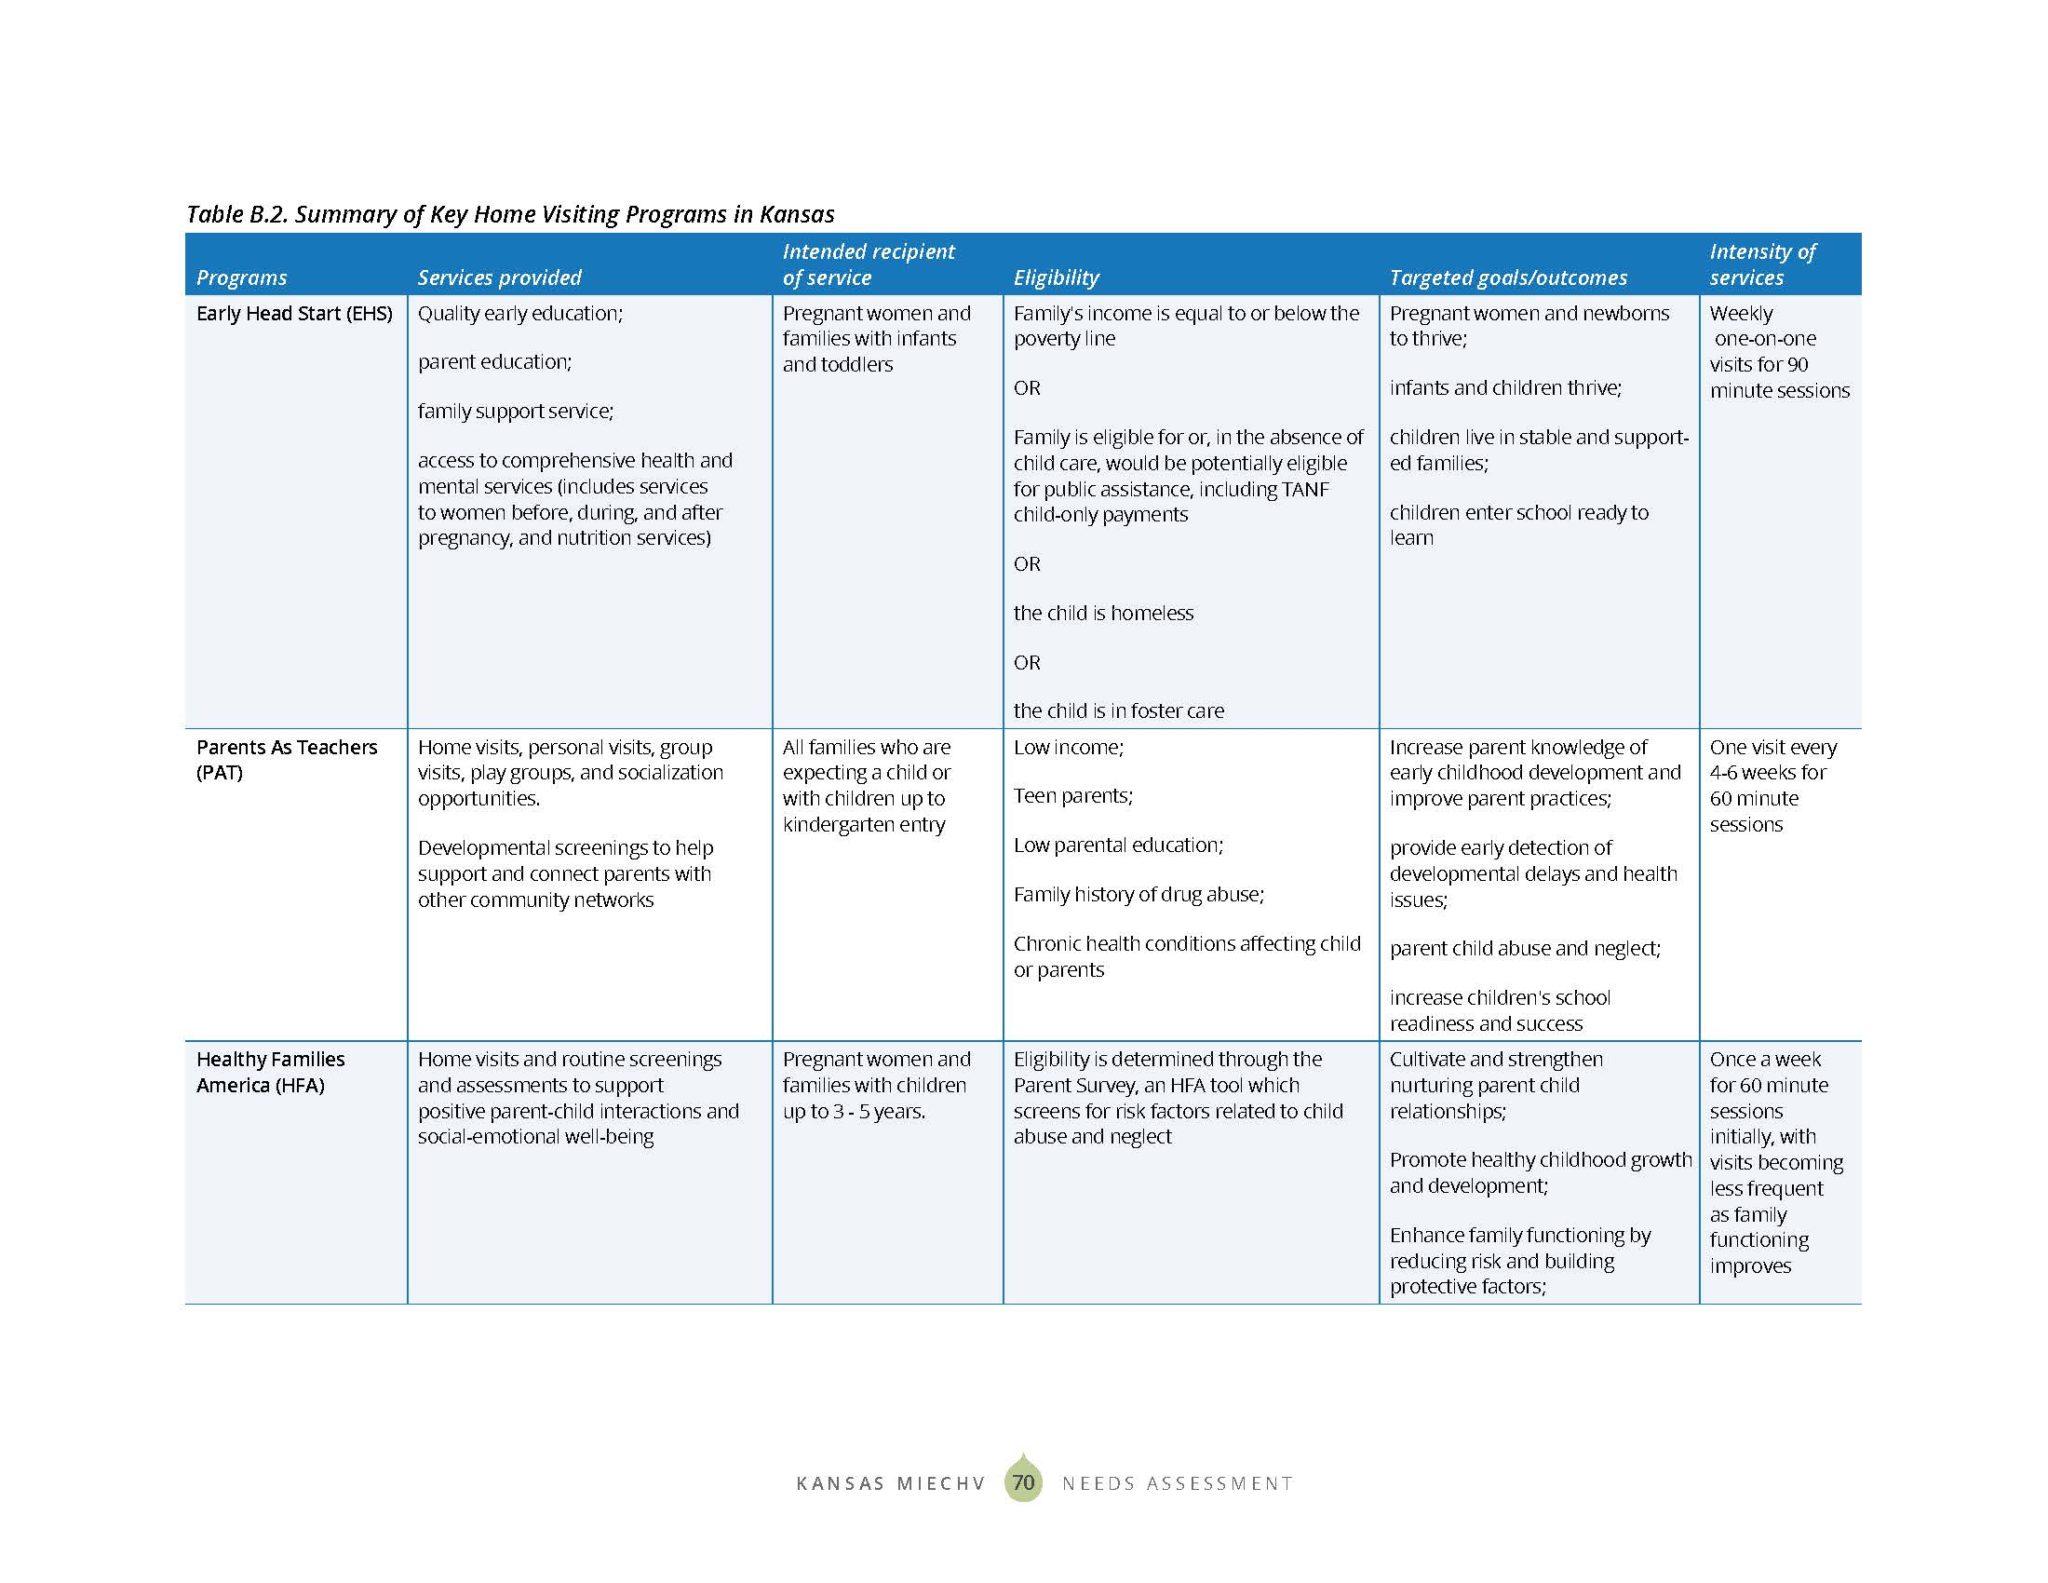 KS MIECHV 2020 Needs Assessment_DIGITAL_Page_078